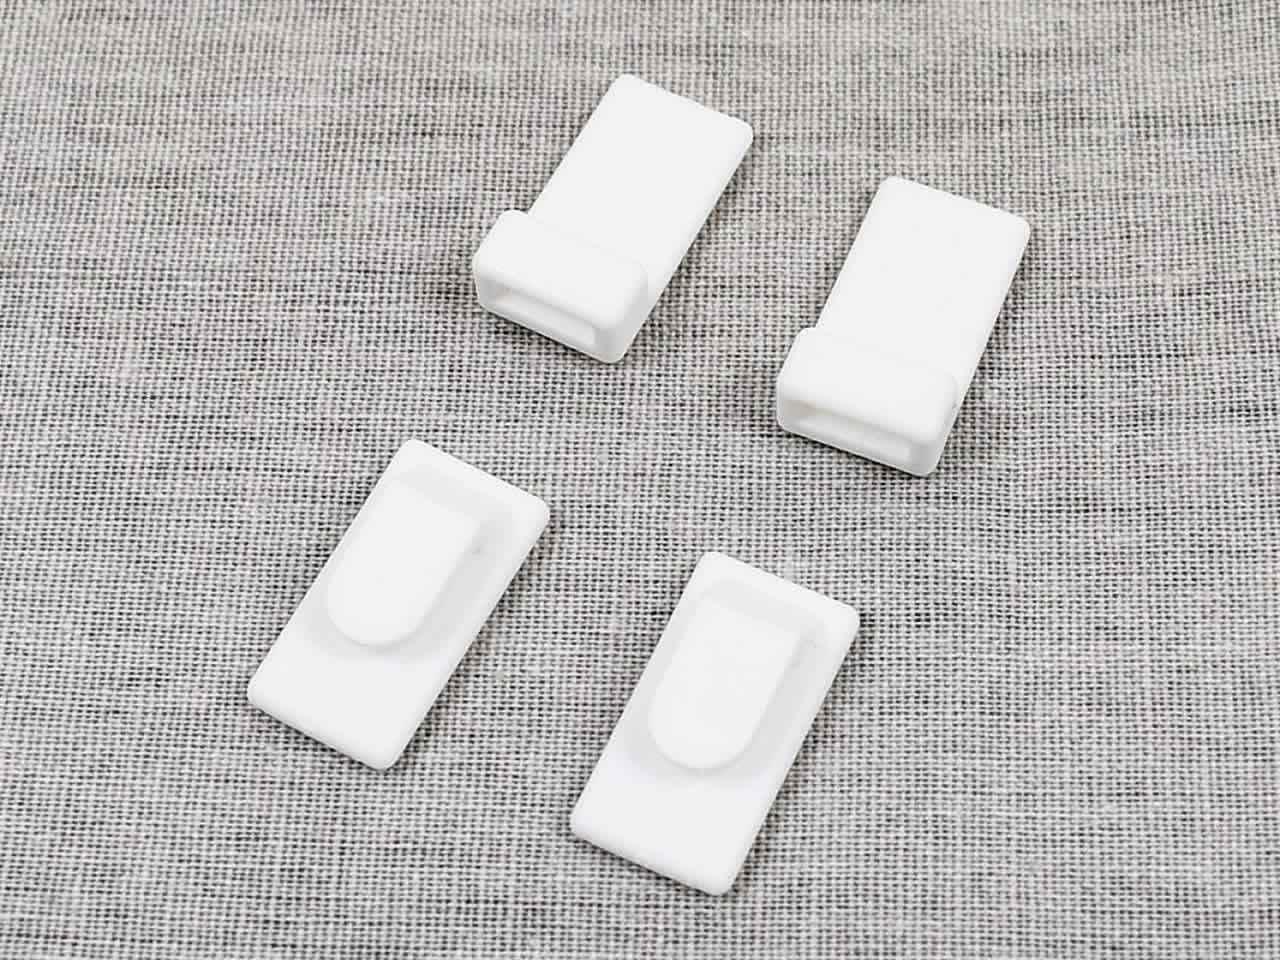 画像: リモコンを壁に掛けられる「両面テープ壁掛けフック2セット入」